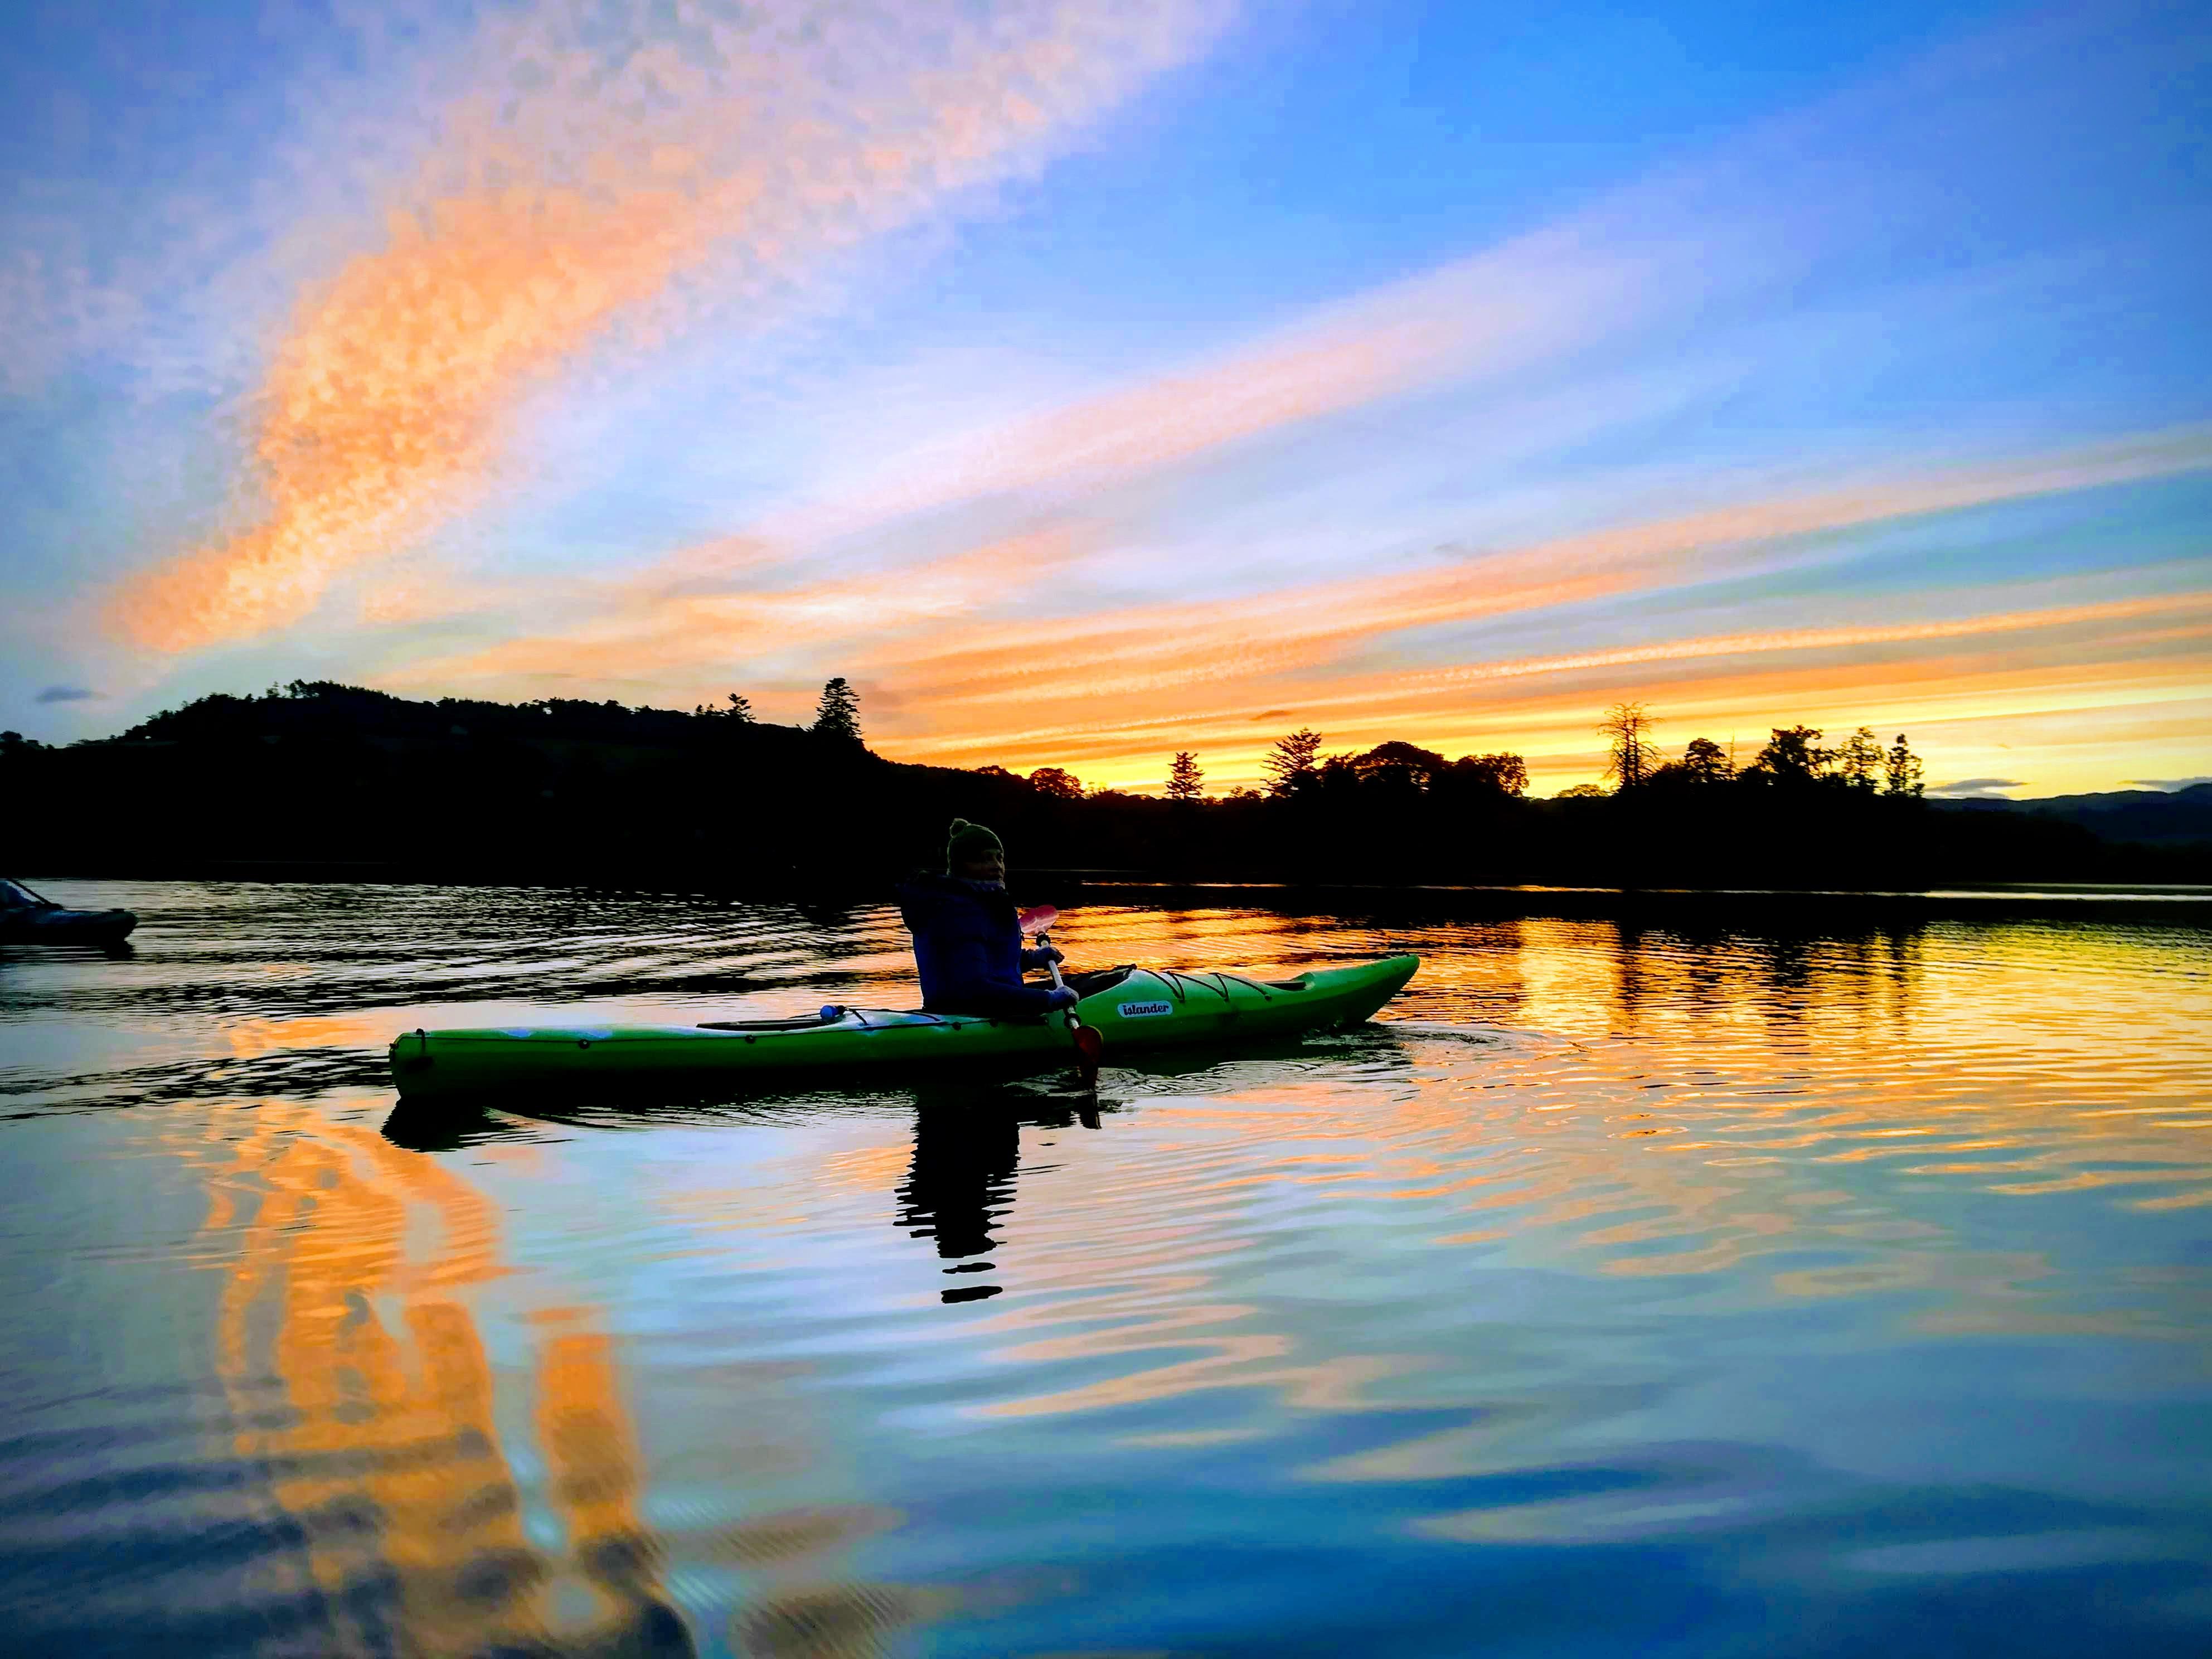 Night kayaking at Clunie Loch near Blairgowrie